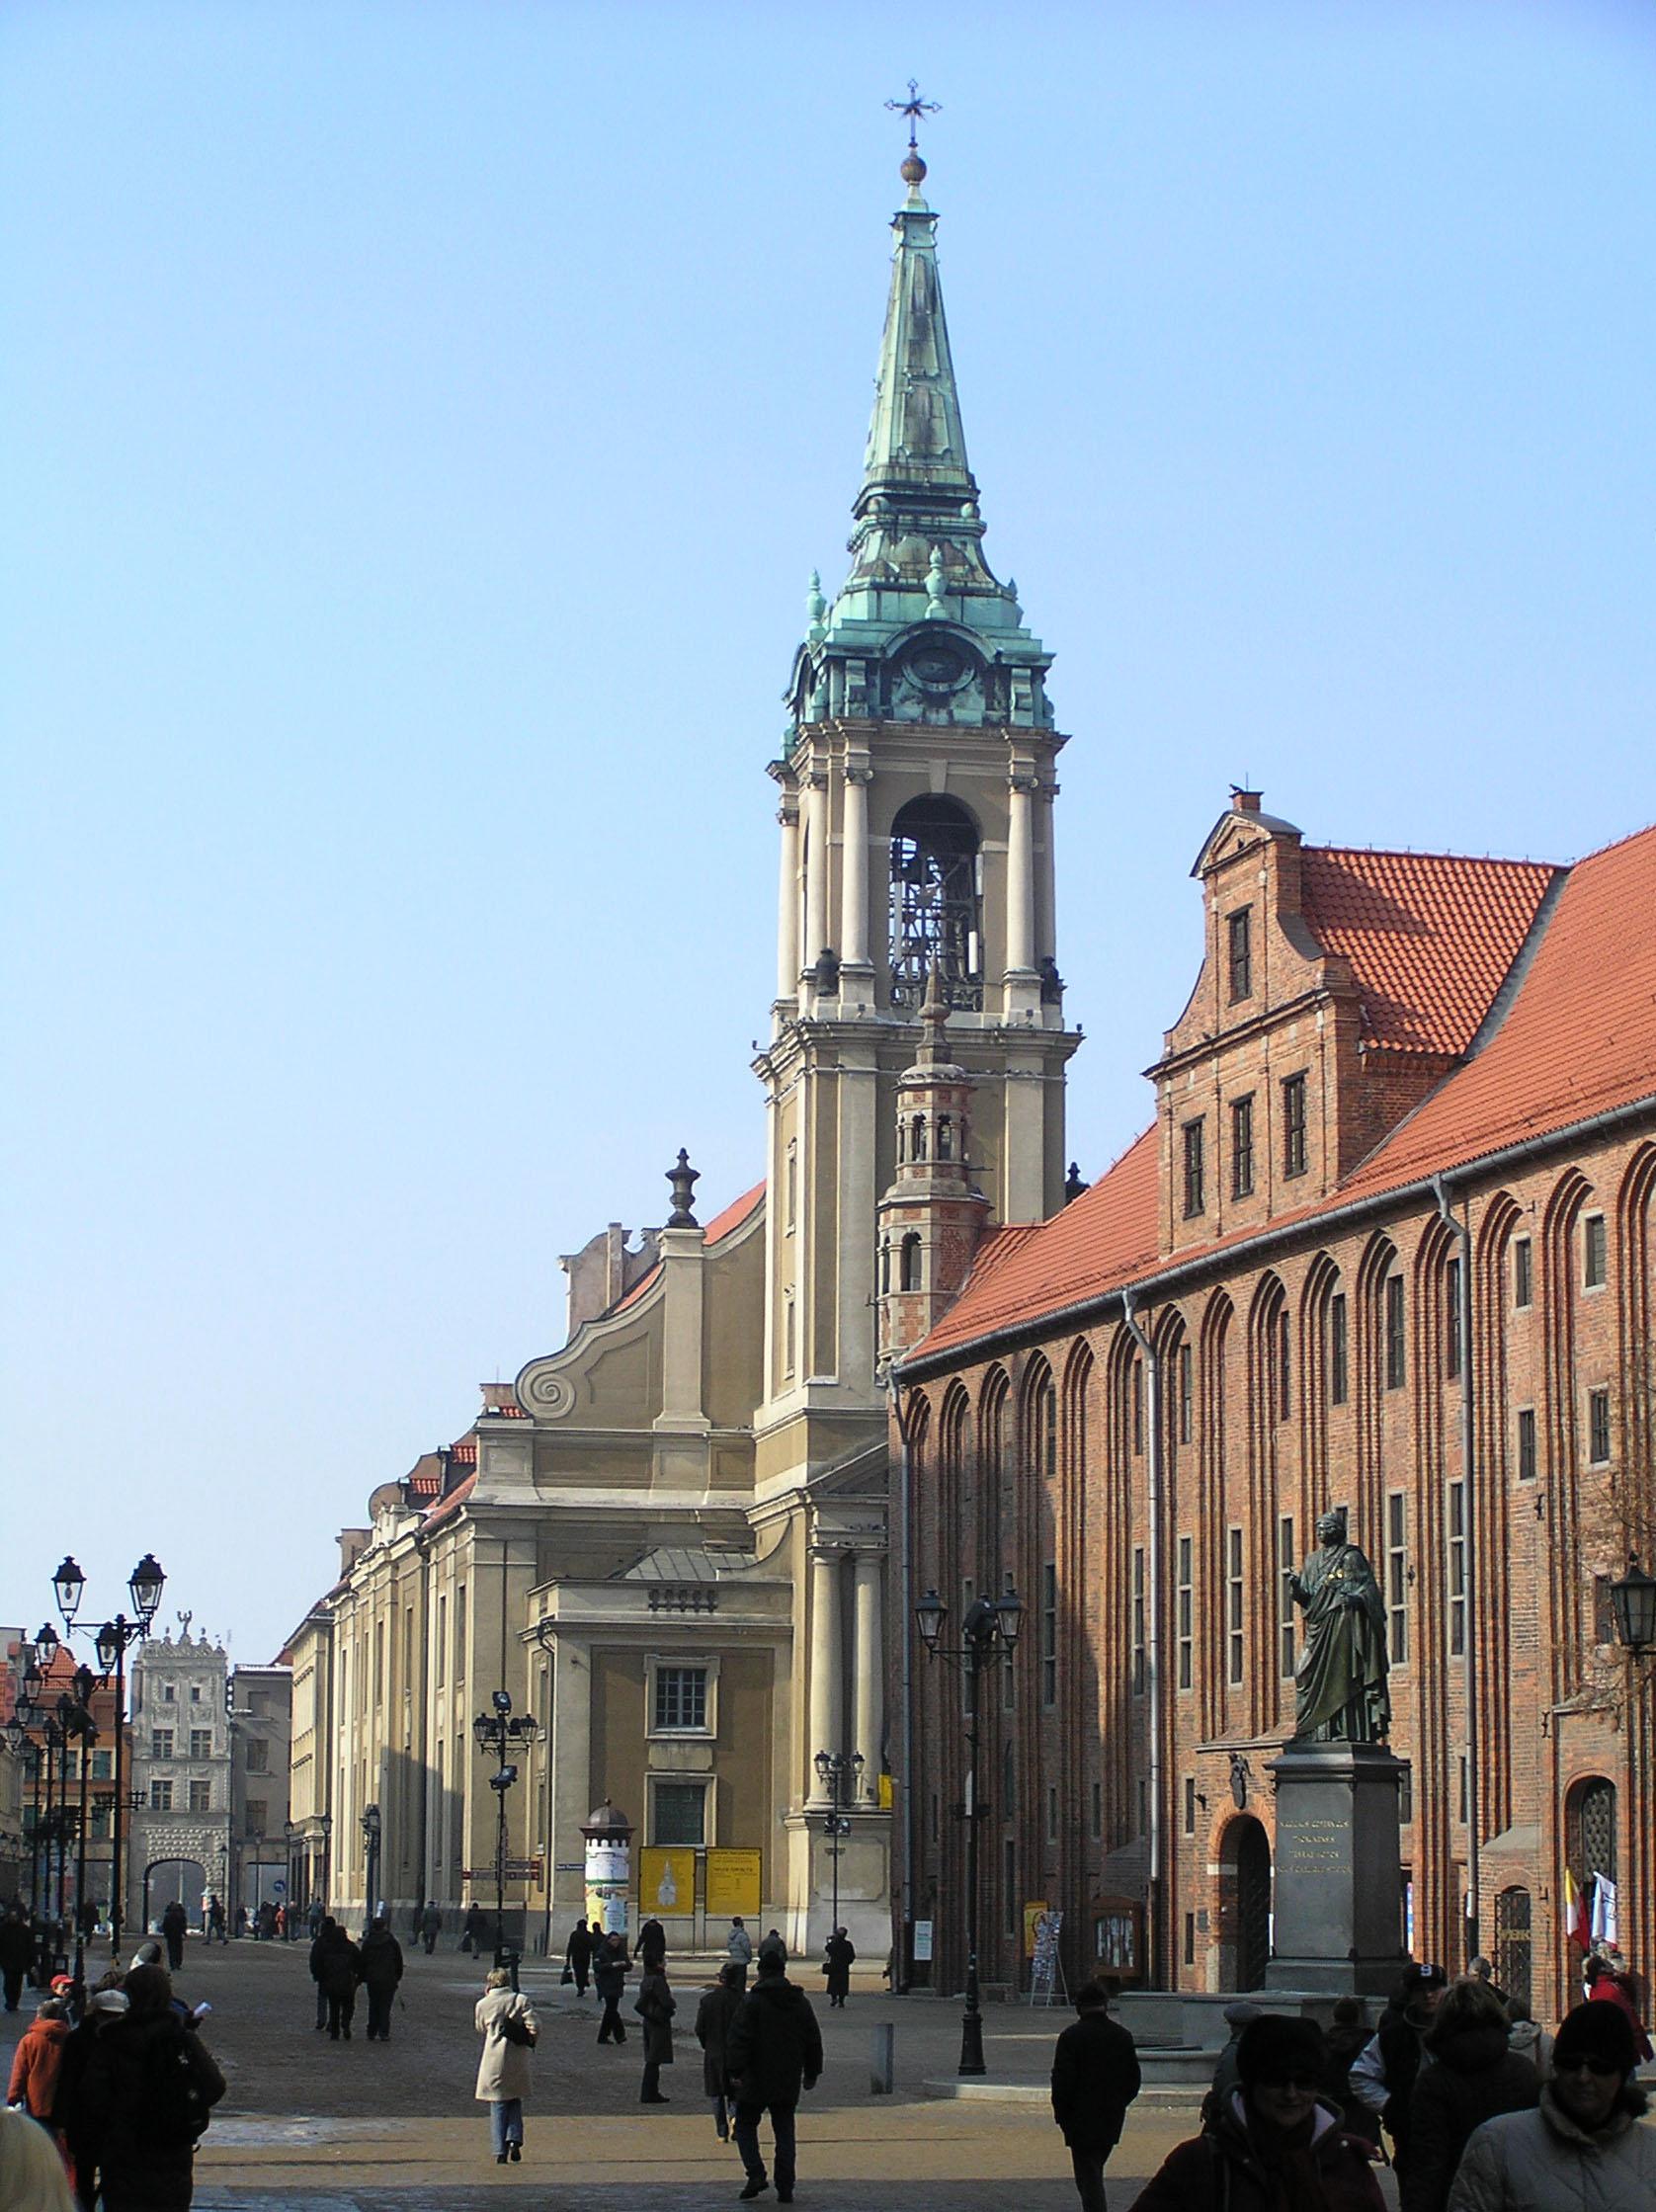 Kościół Św. Ducha w Toruniu